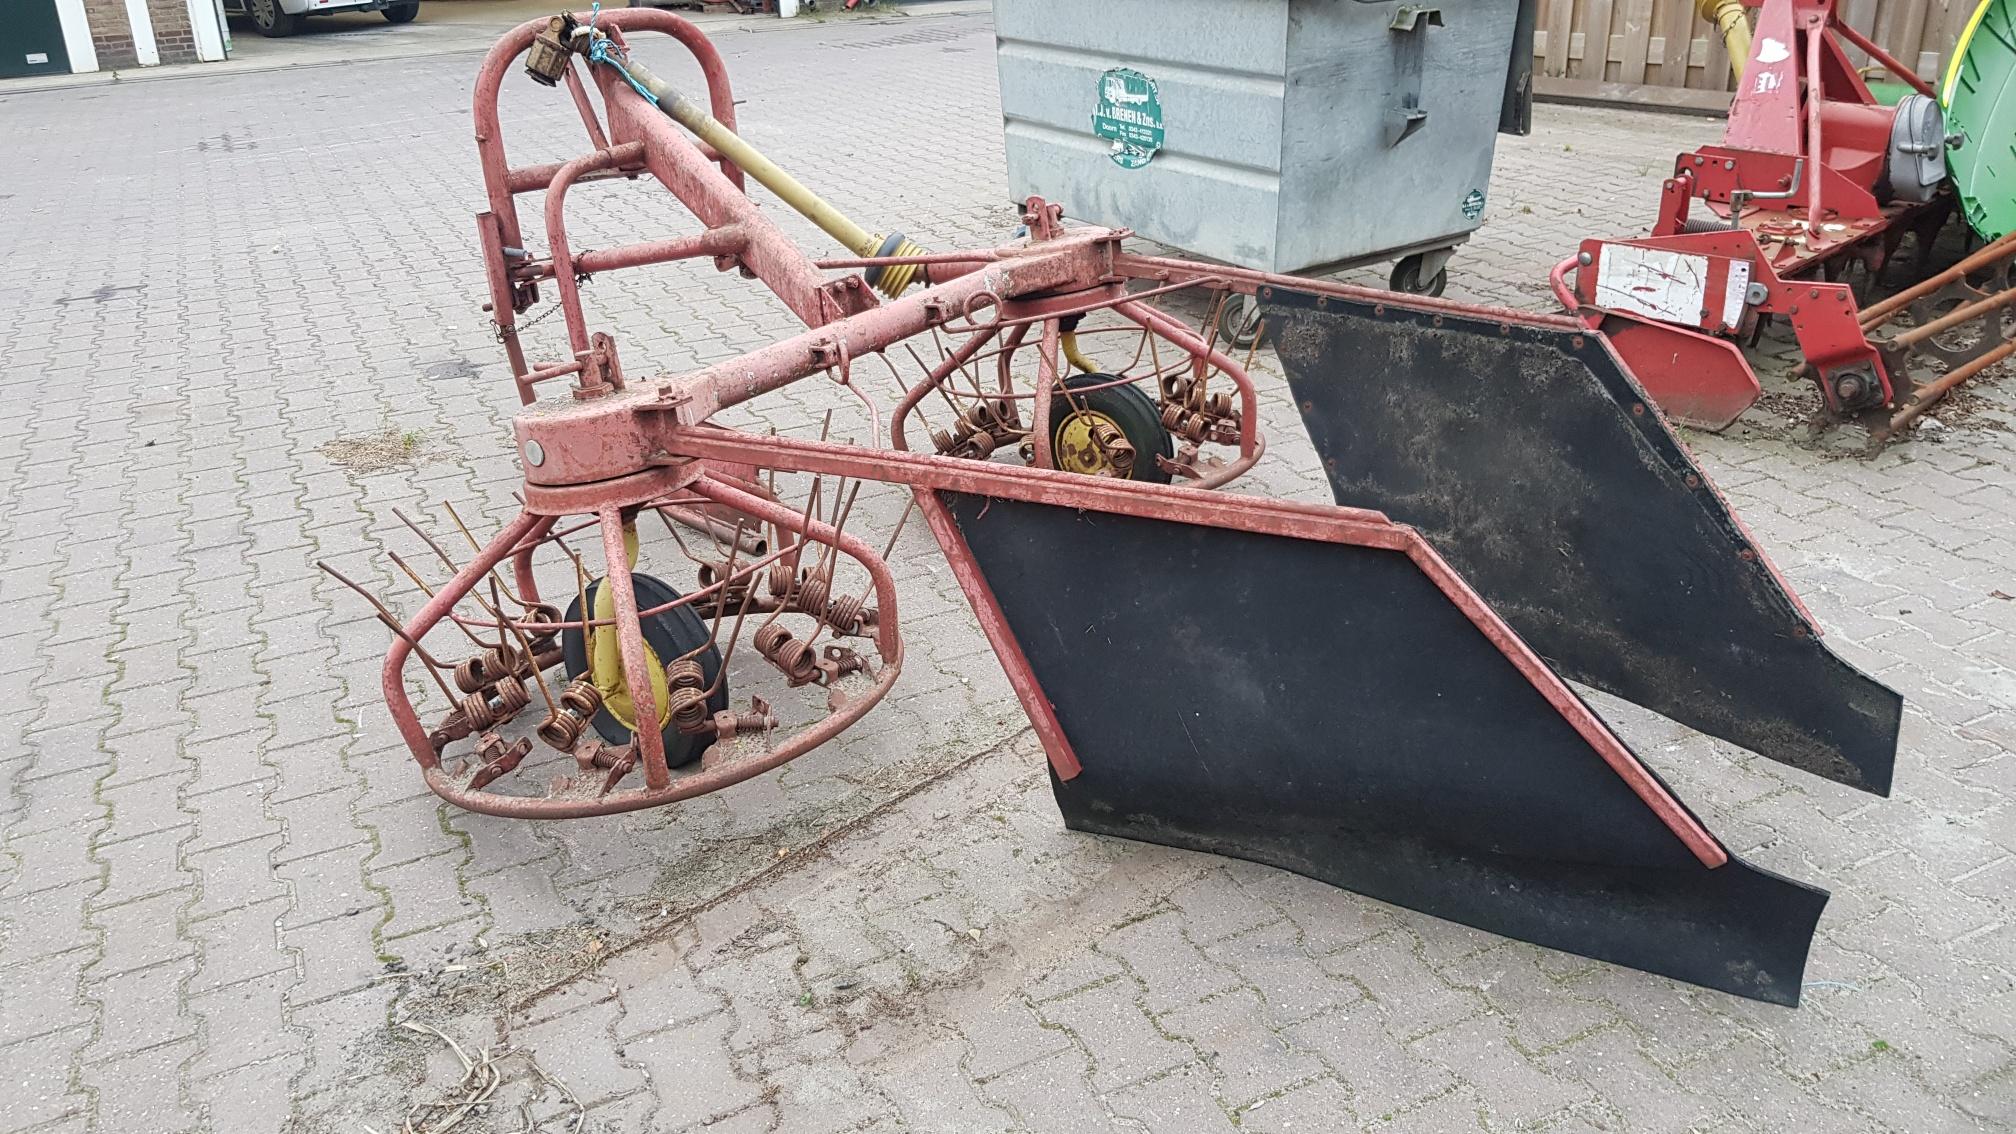 PZ strela schudder/zwadhark, Zwadharken, Landbouw